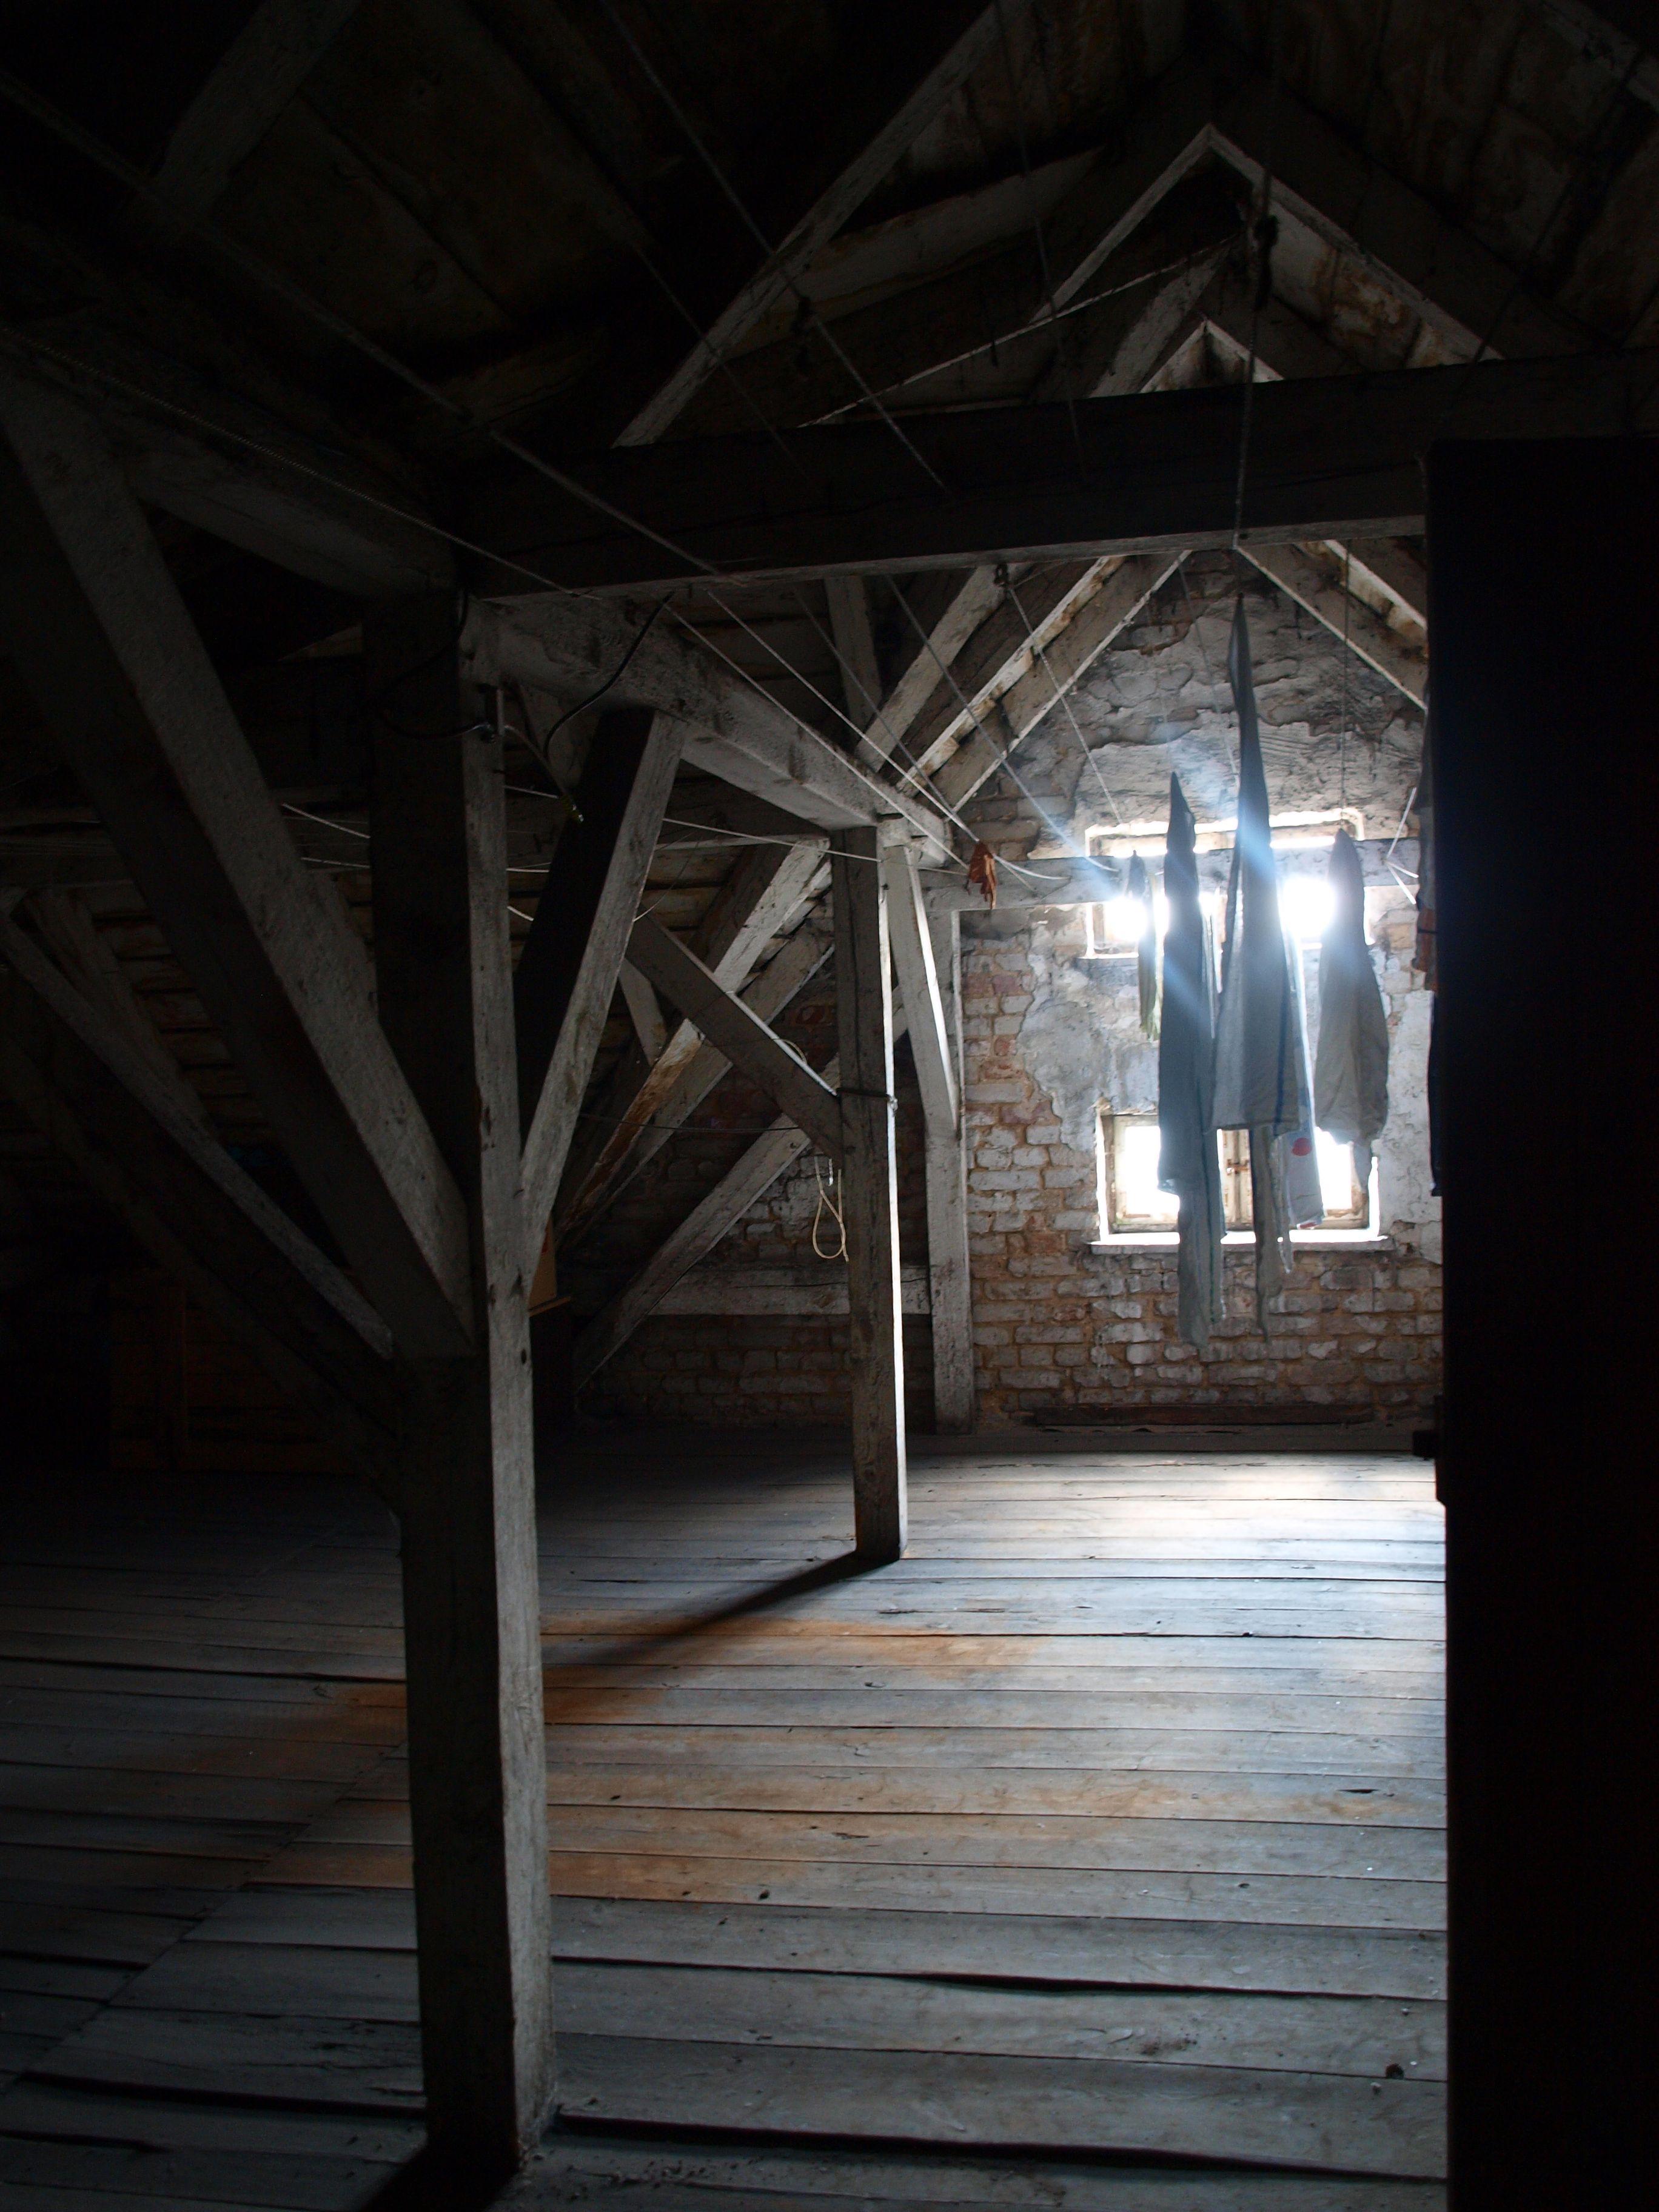 creepy attic  google search  old attics and basements  pinterest . creepy attic  google search